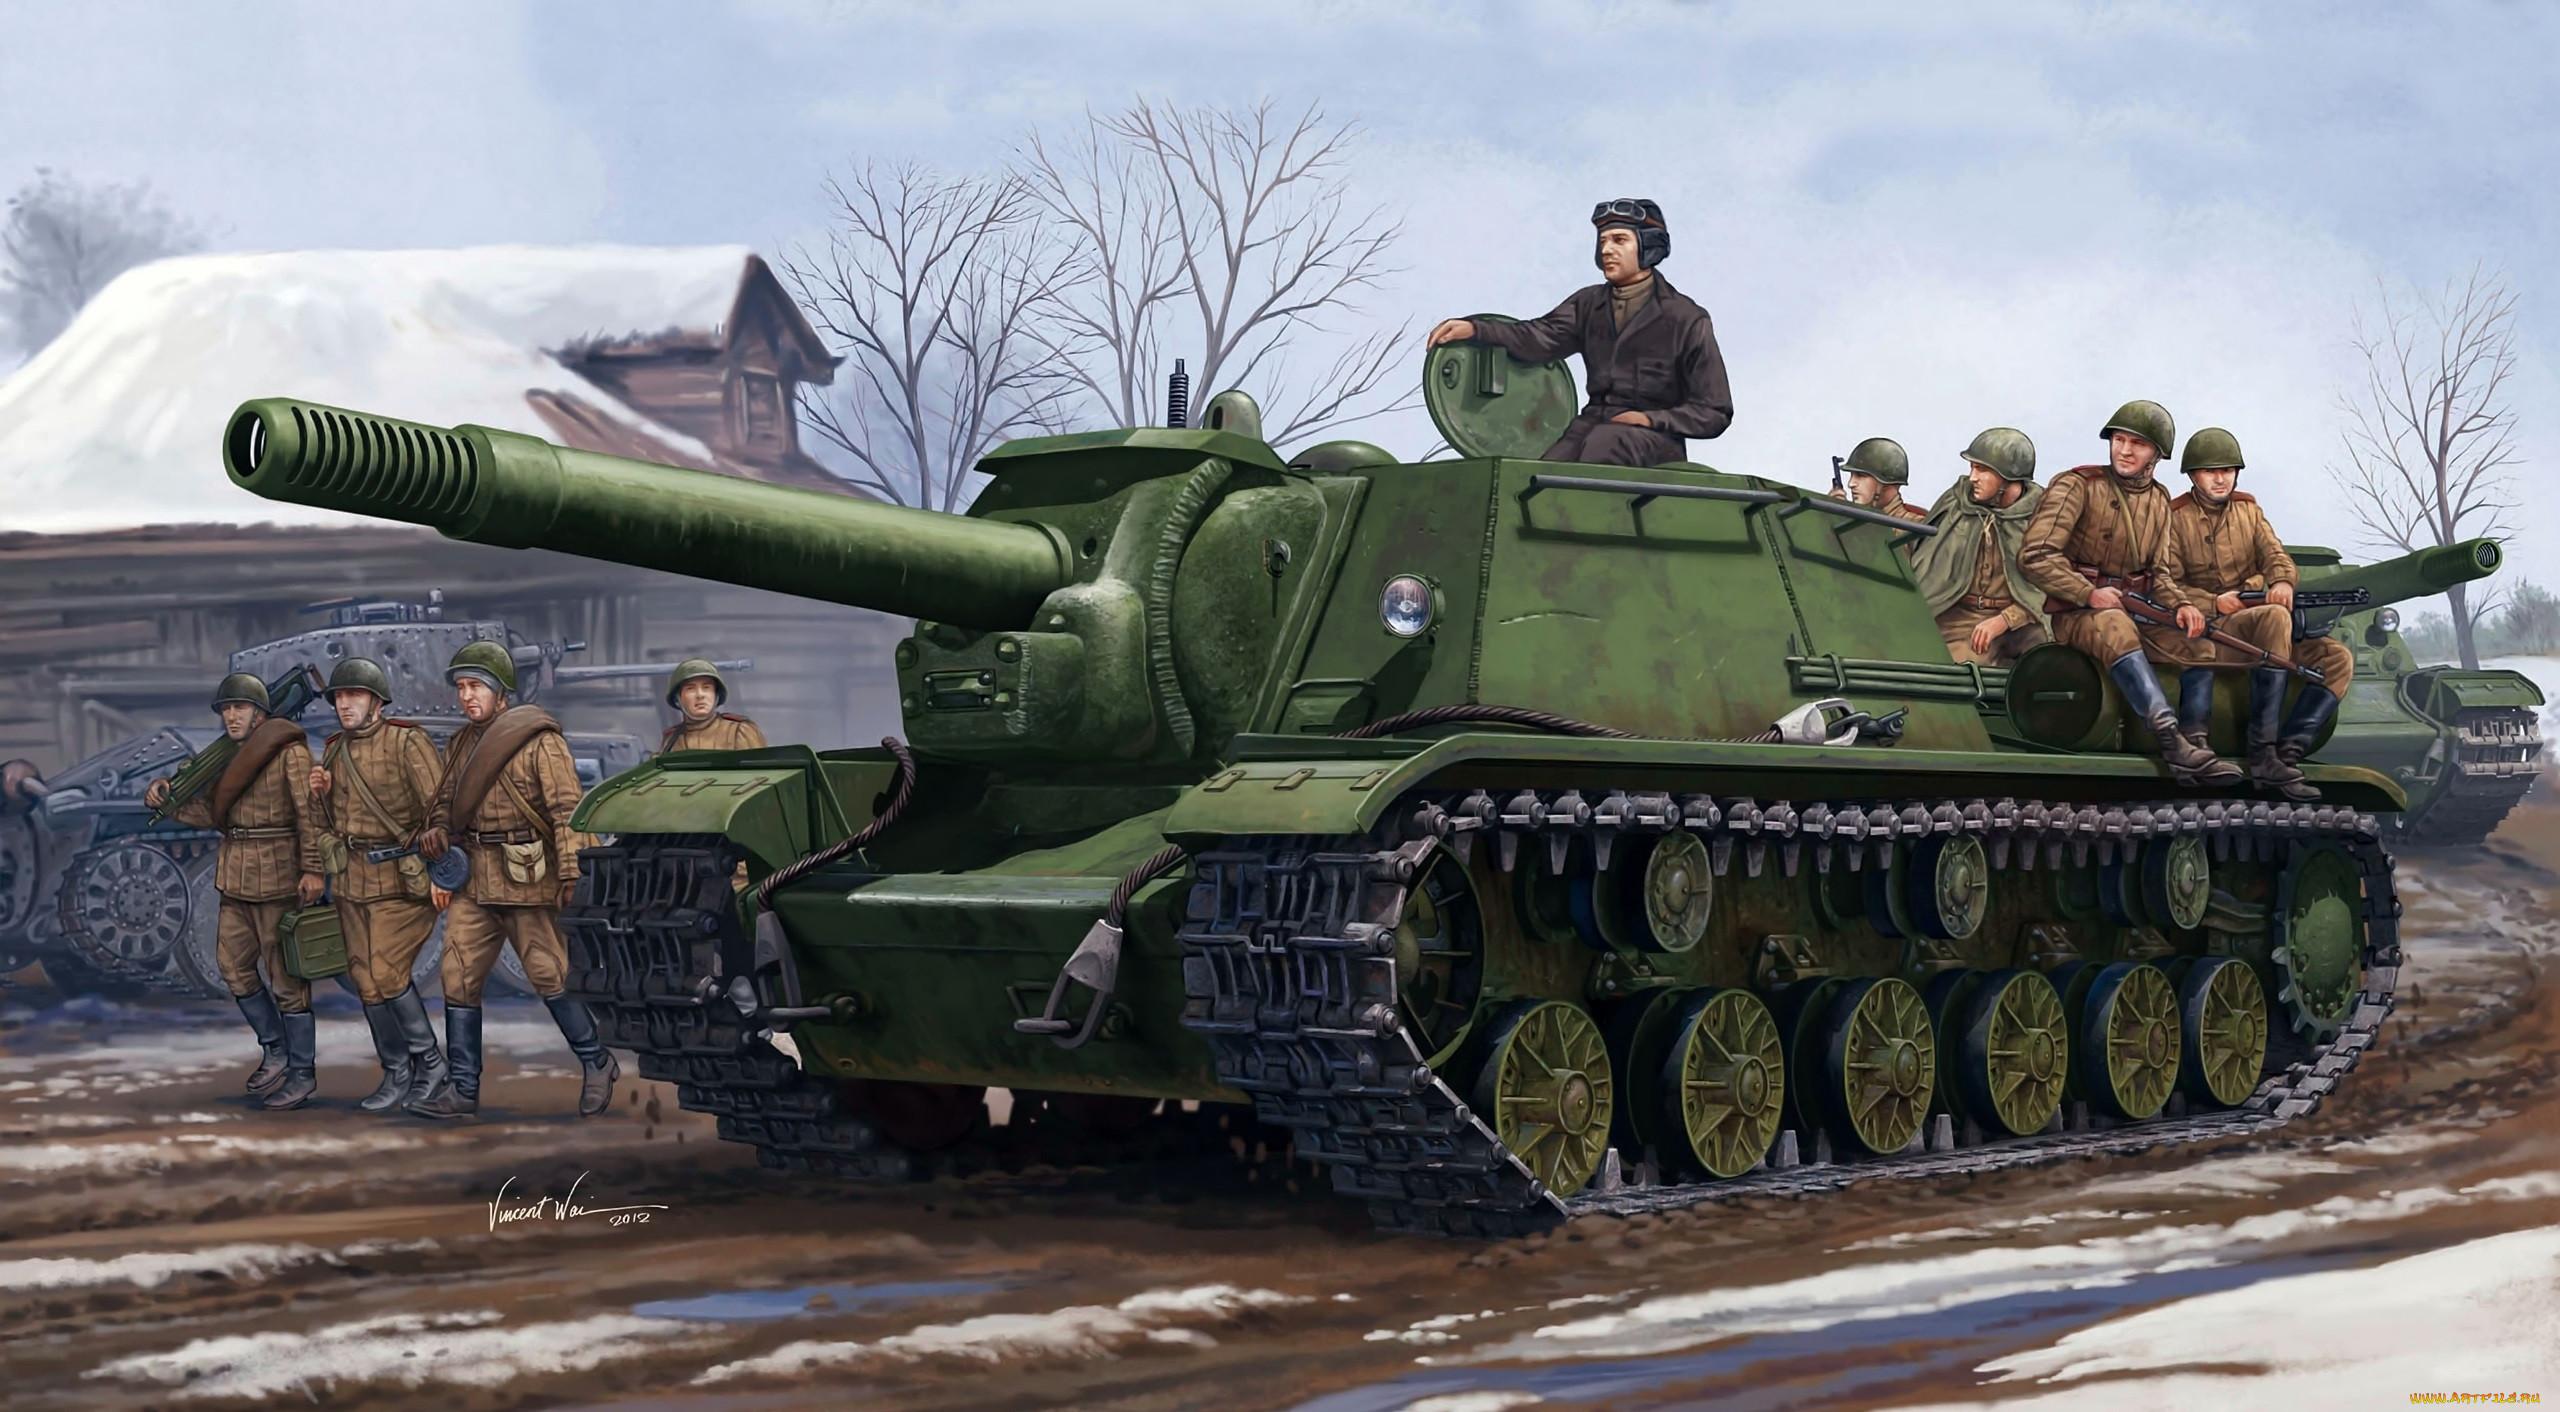 специальной комиссией картинки животных танков приглашайте ваших